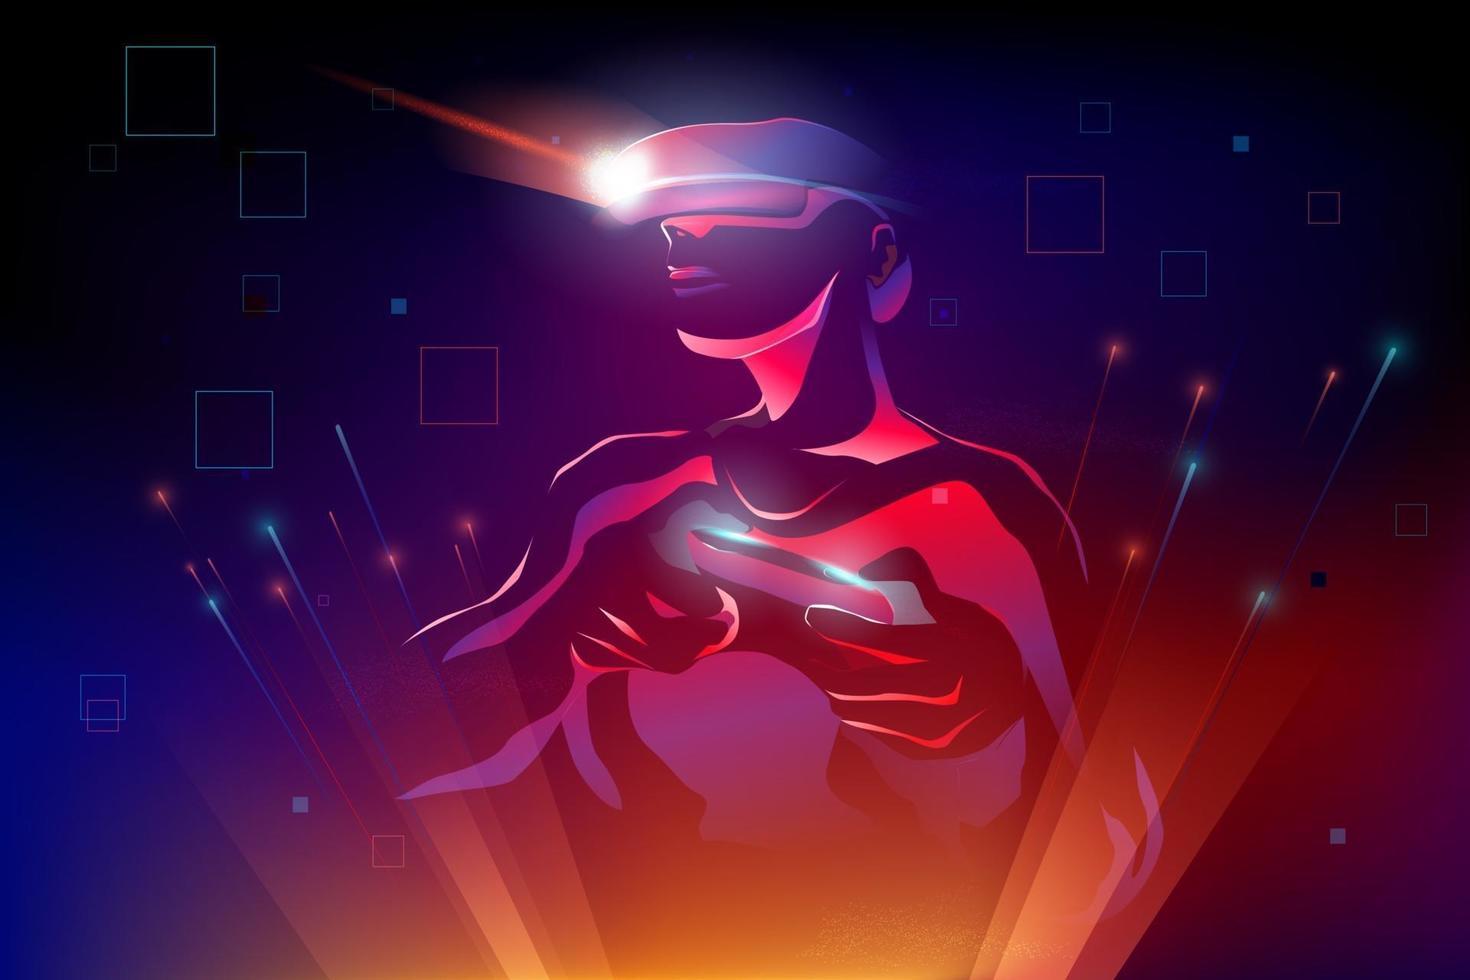 homme silhouette portant un appareil de réalité virtuelle vr jeu de jeu, déplacer le mouvement dans le monde 3d numérique abstrait, illustration vectorielle vecteur